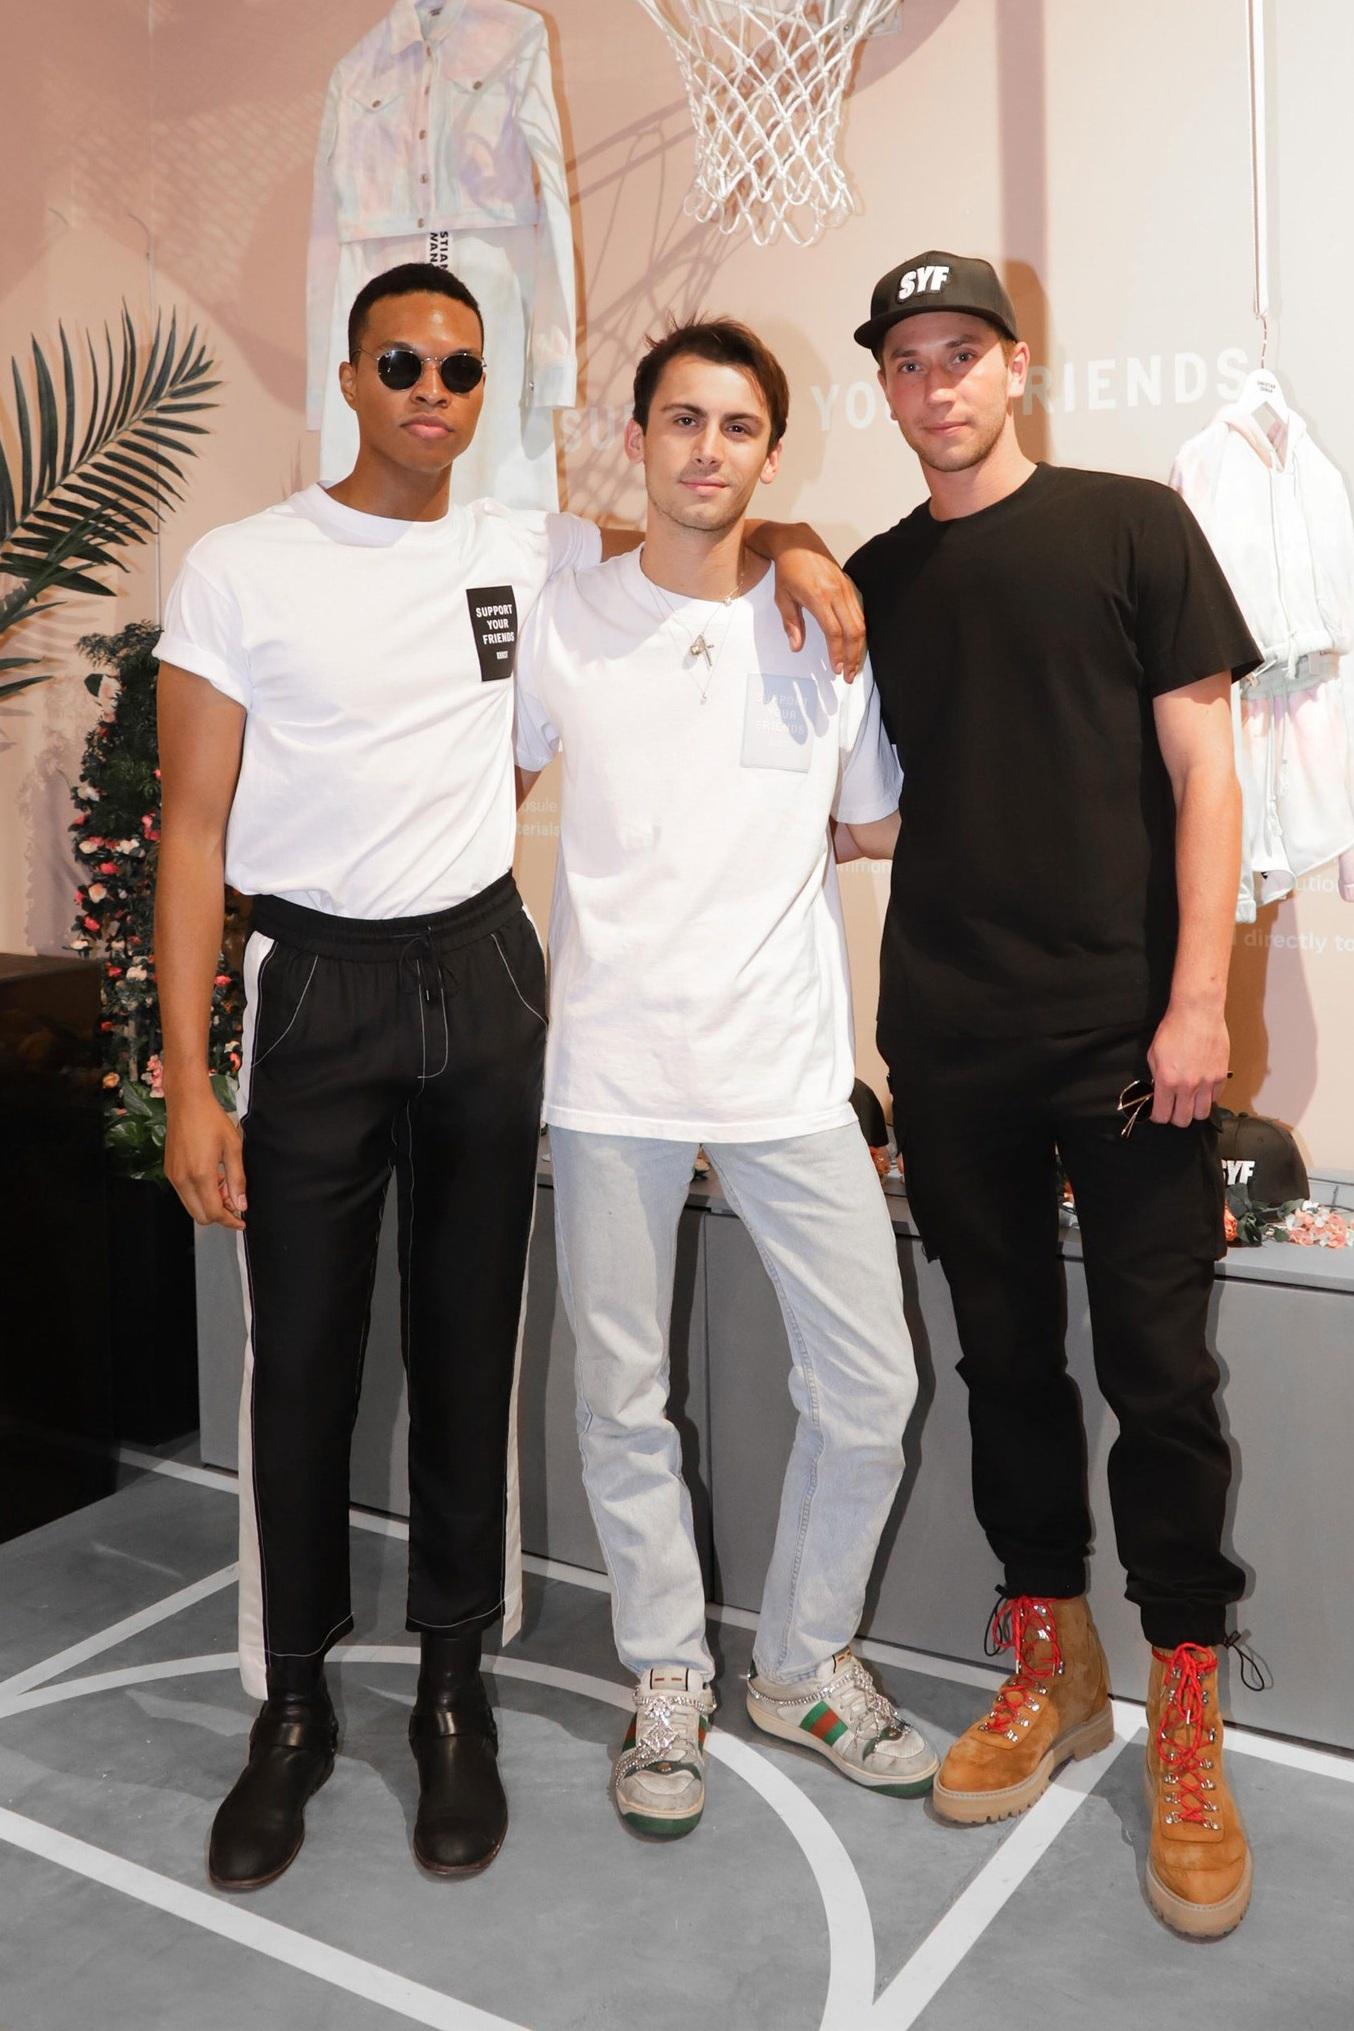 Vogue-+Sept+04+2019++Scott+Christian+Cowan+Samuel.jpg